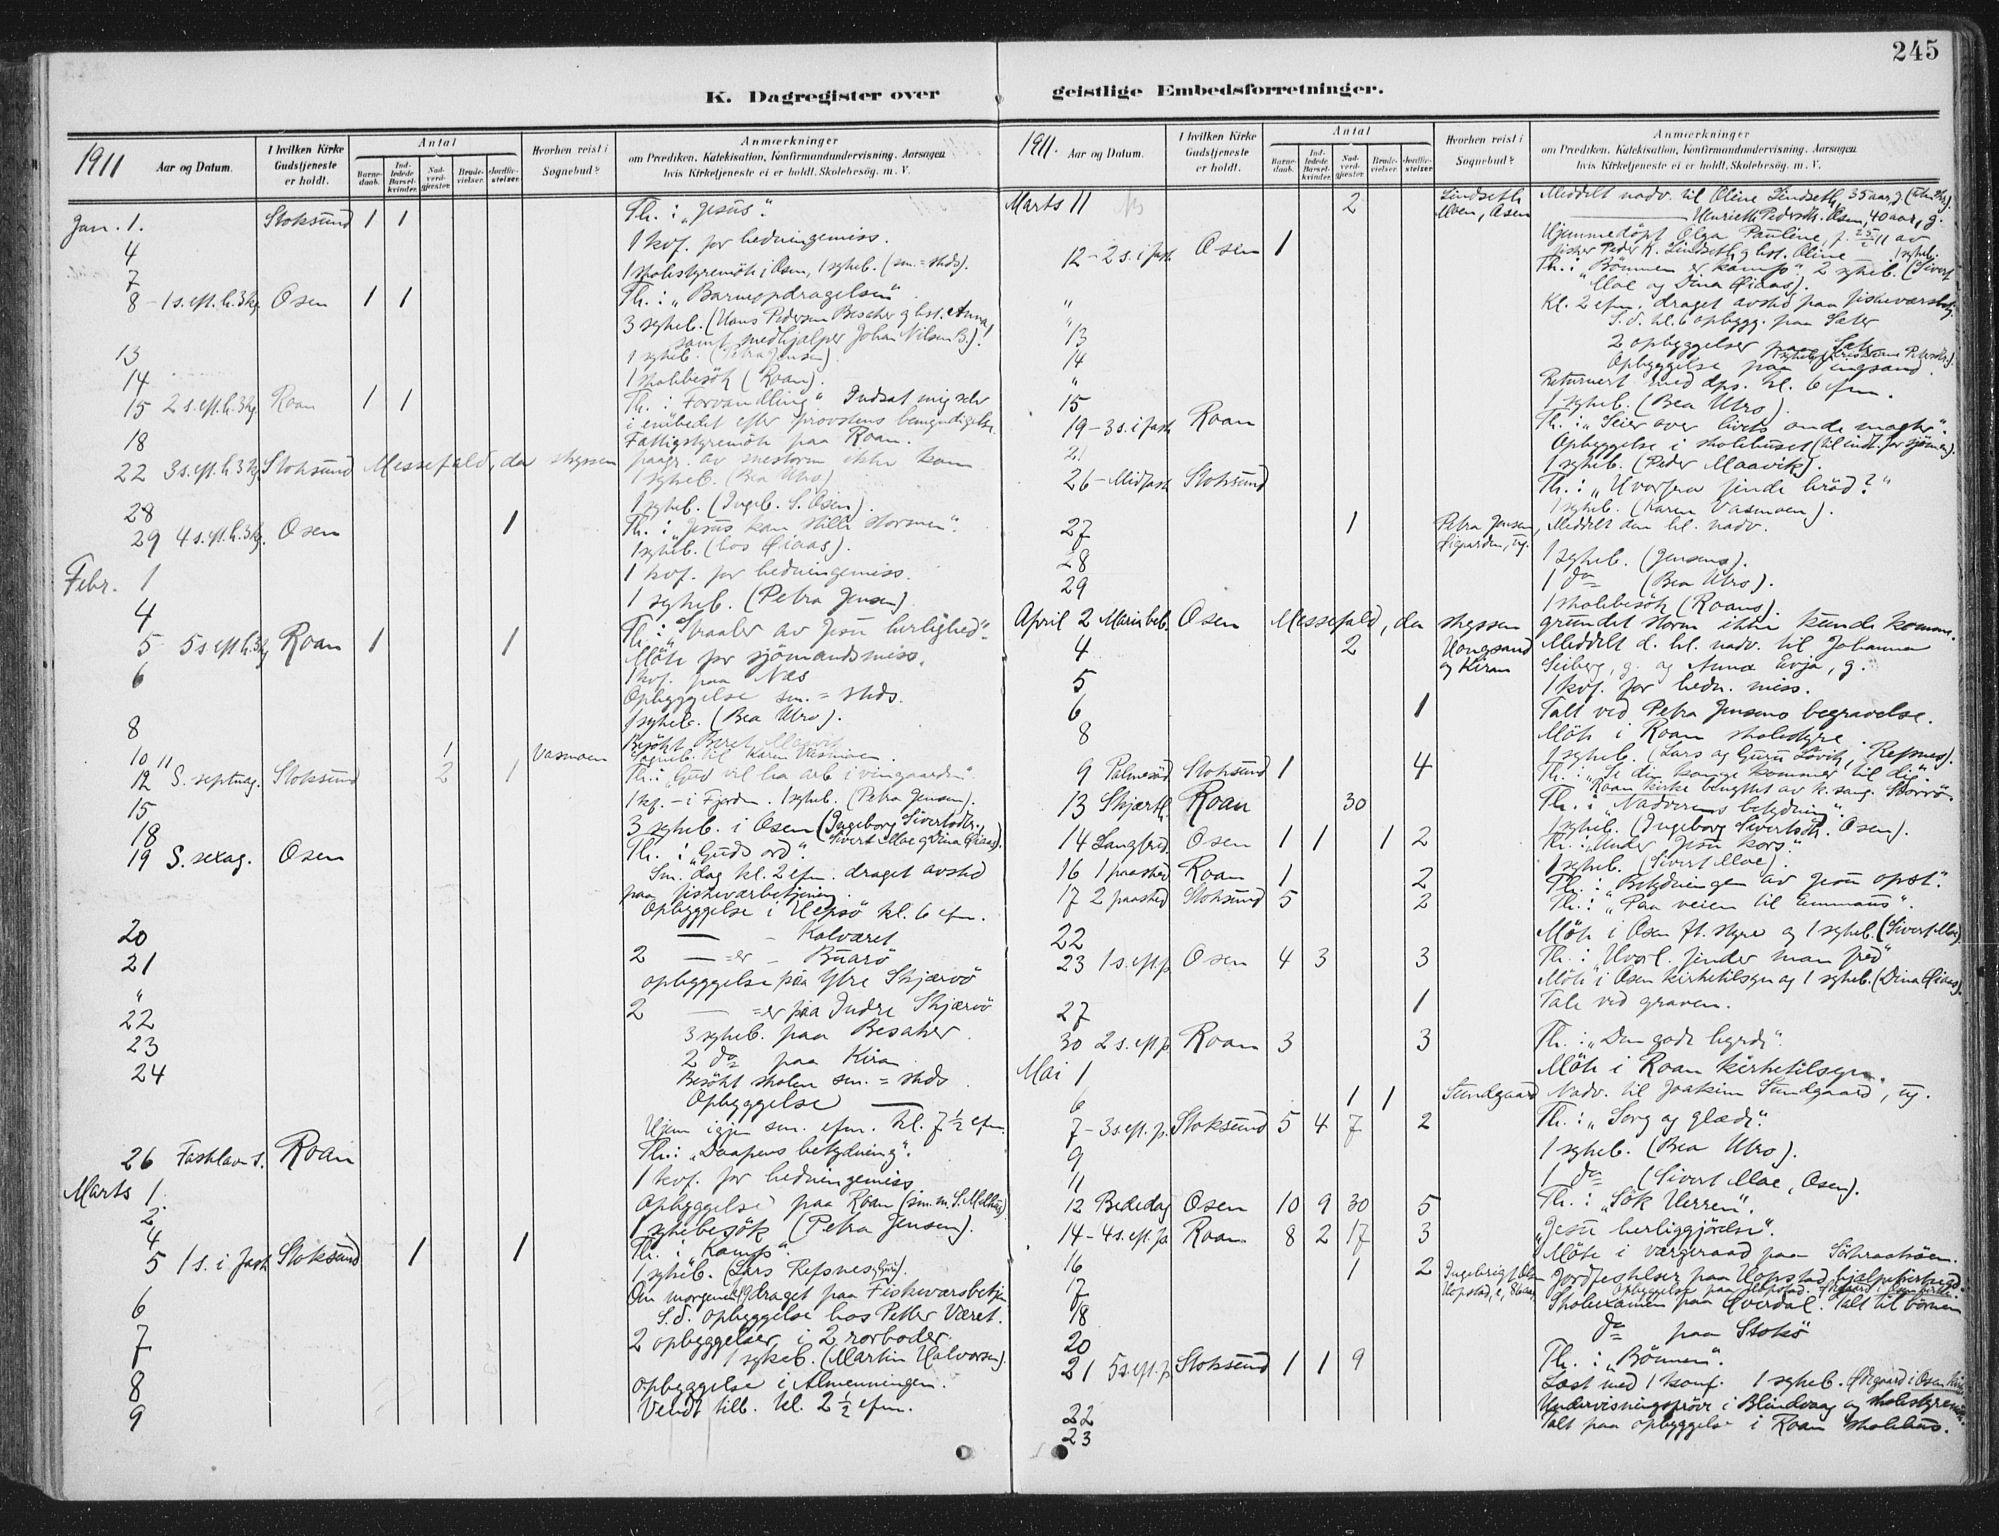 SAT, Ministerialprotokoller, klokkerbøker og fødselsregistre - Sør-Trøndelag, 657/L0709: Ministerialbok nr. 657A10, 1905-1919, s. 245